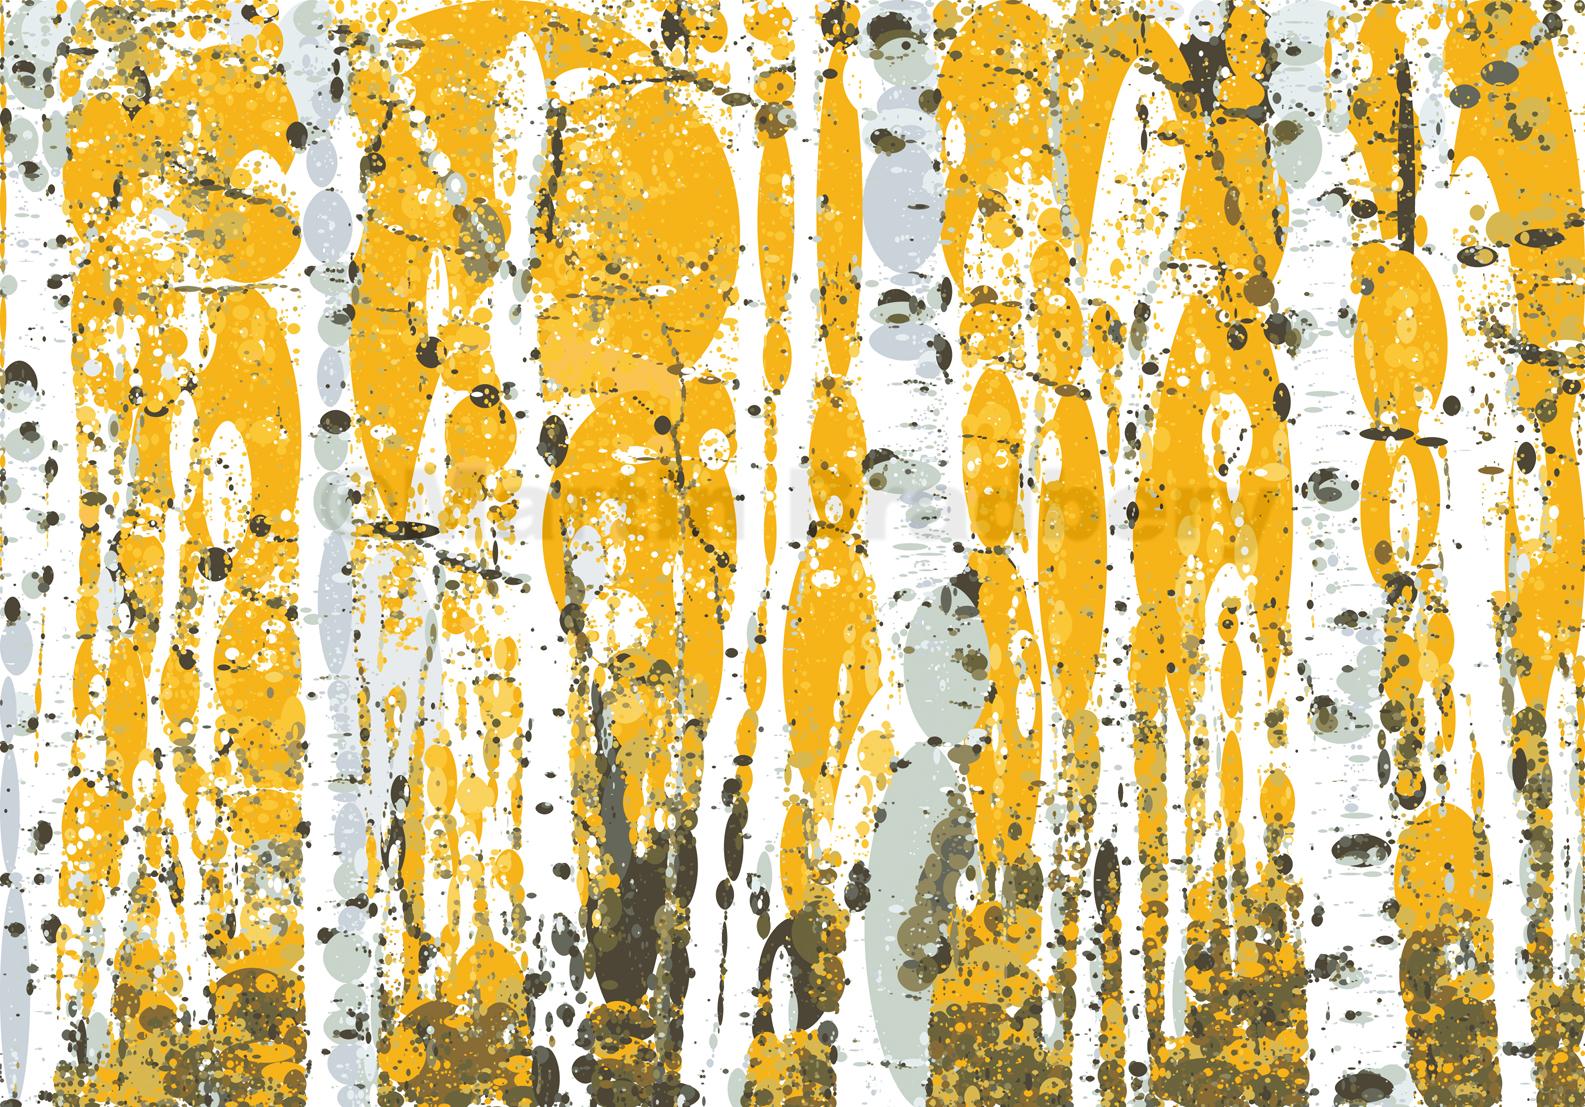 Tapety Stromy Krajina Les Ilustrace Priroda Drevo Vetev